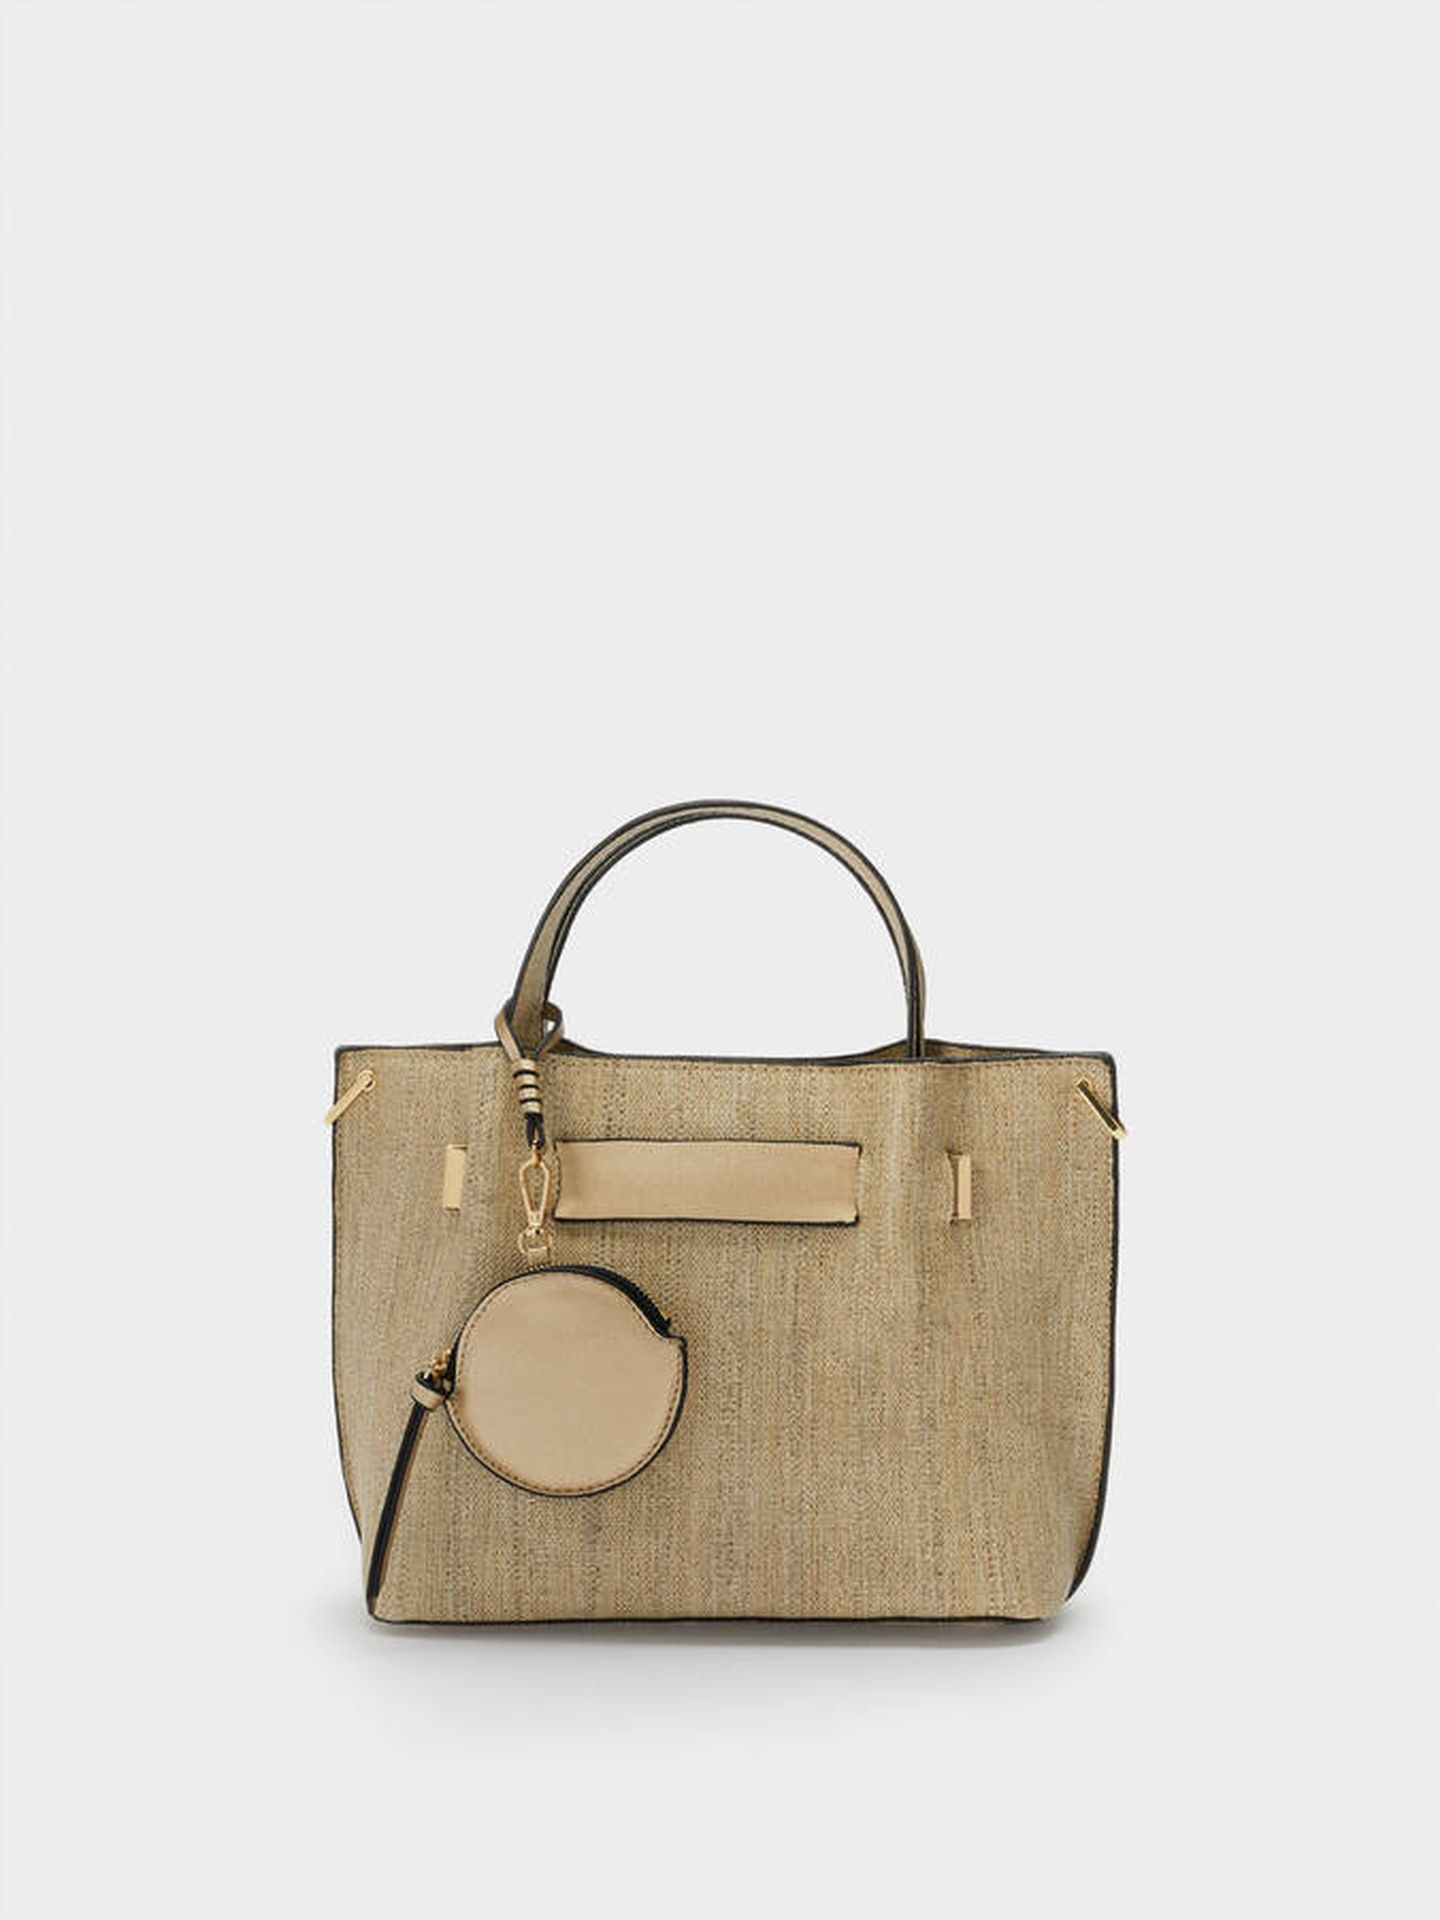 El bolso de Parfois en color beige. (Cortesía)